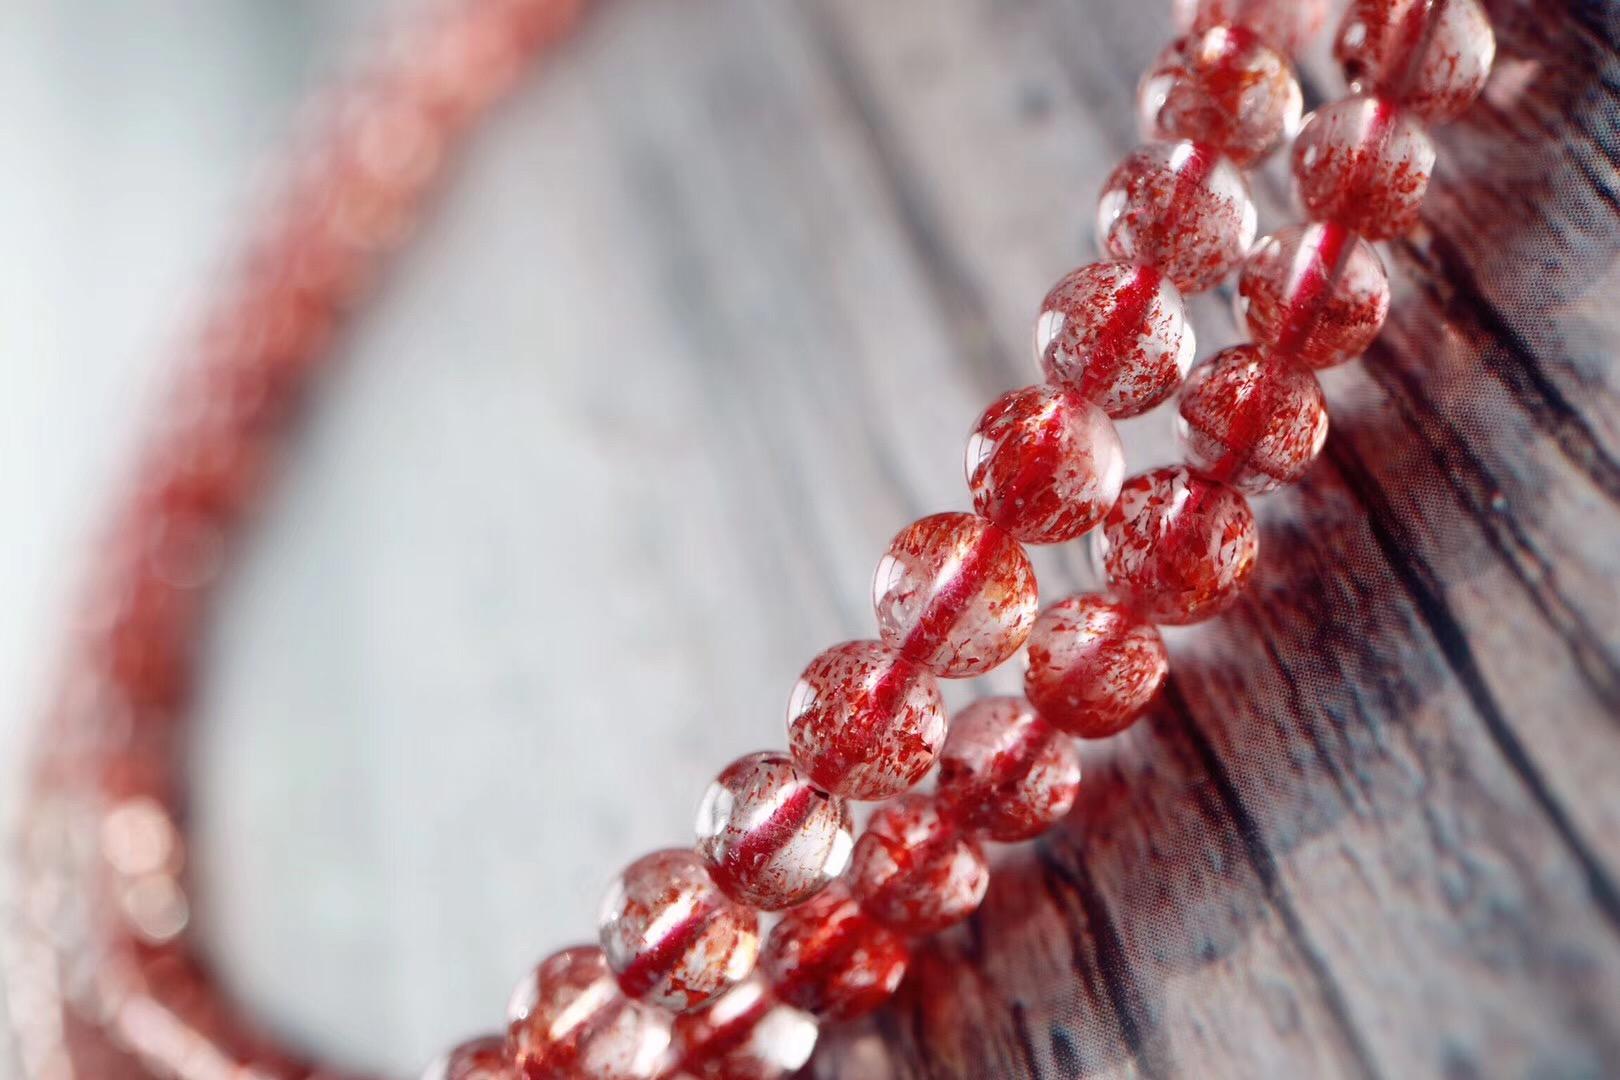 【金草莓晶】提升个人力量,改善气色-菩心晶舍